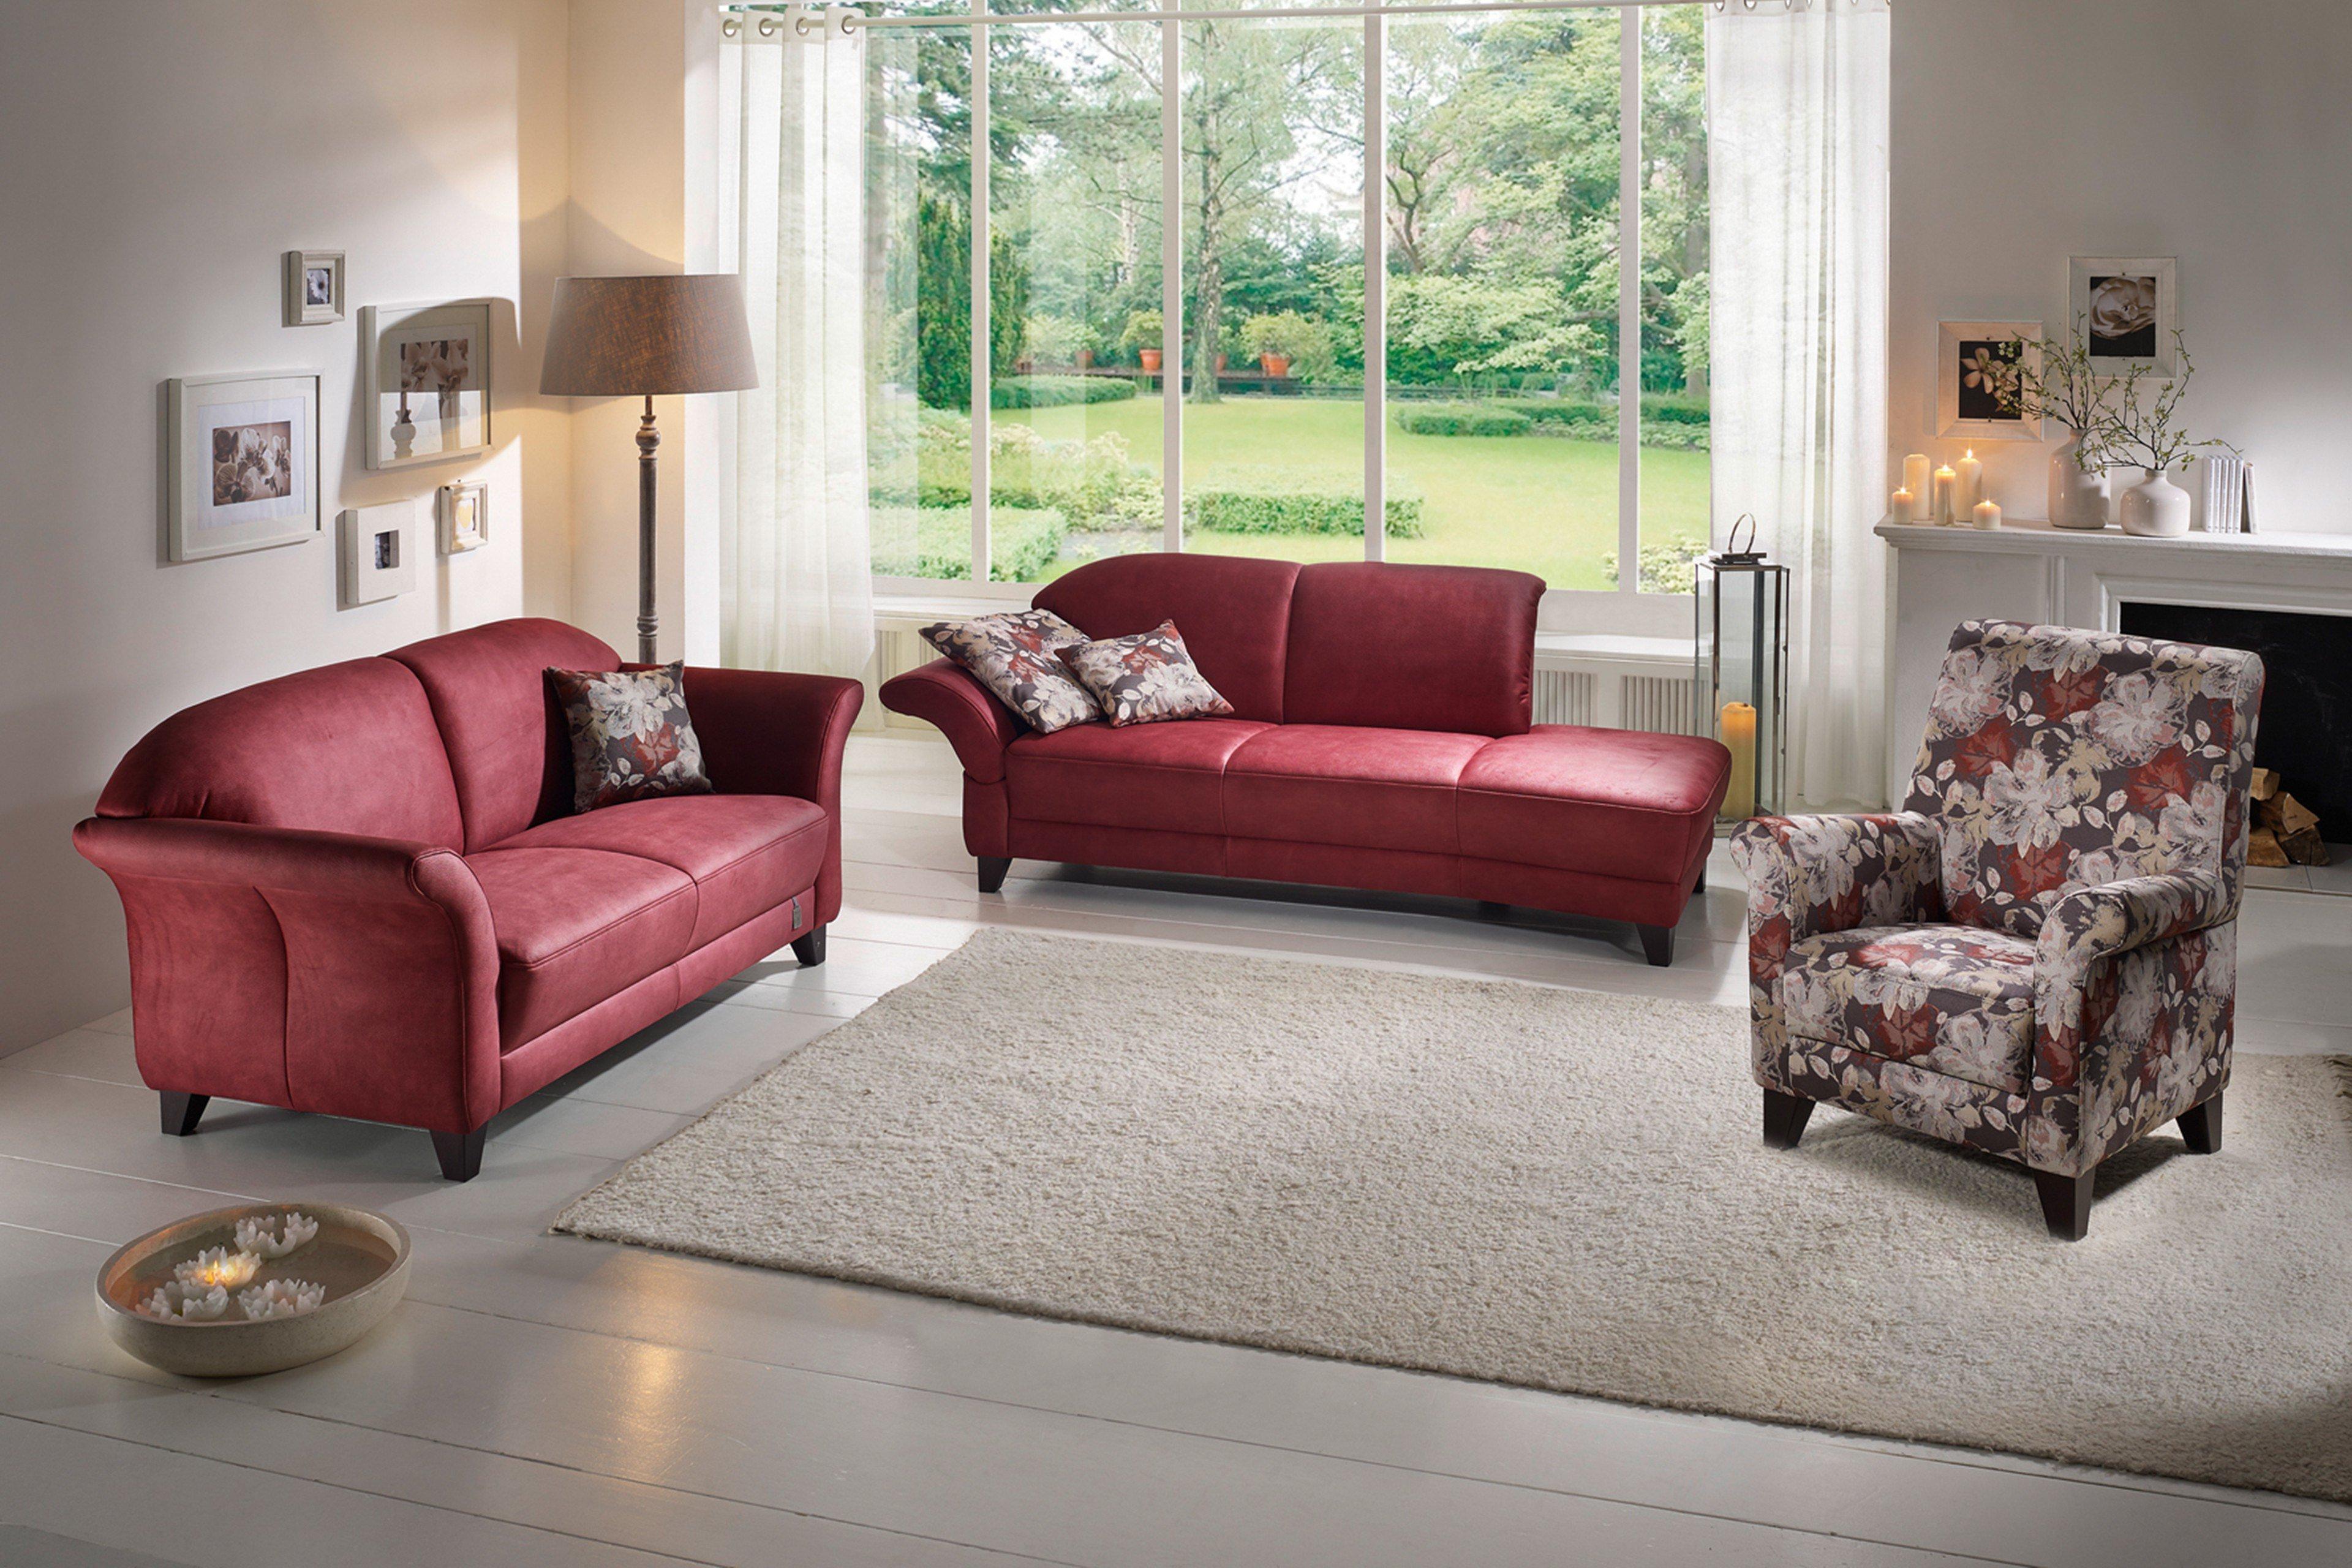 ponsel celano polstergarnitur rot m bel letz ihr online shop. Black Bedroom Furniture Sets. Home Design Ideas